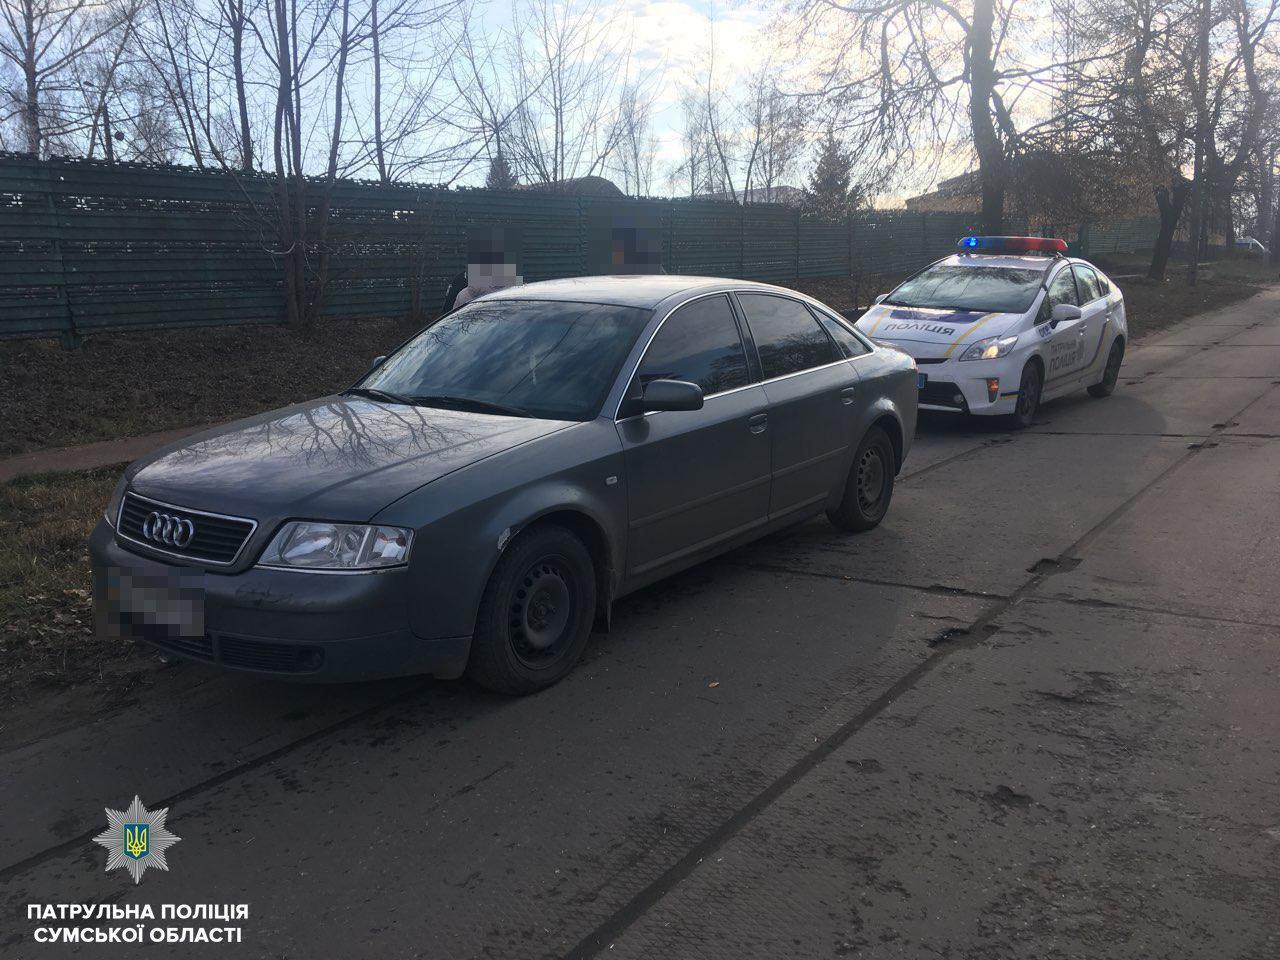 Работники отдела БДД остановили на Сумщине иномарку, которая не значится ни в одной полицейской базе, фото-1